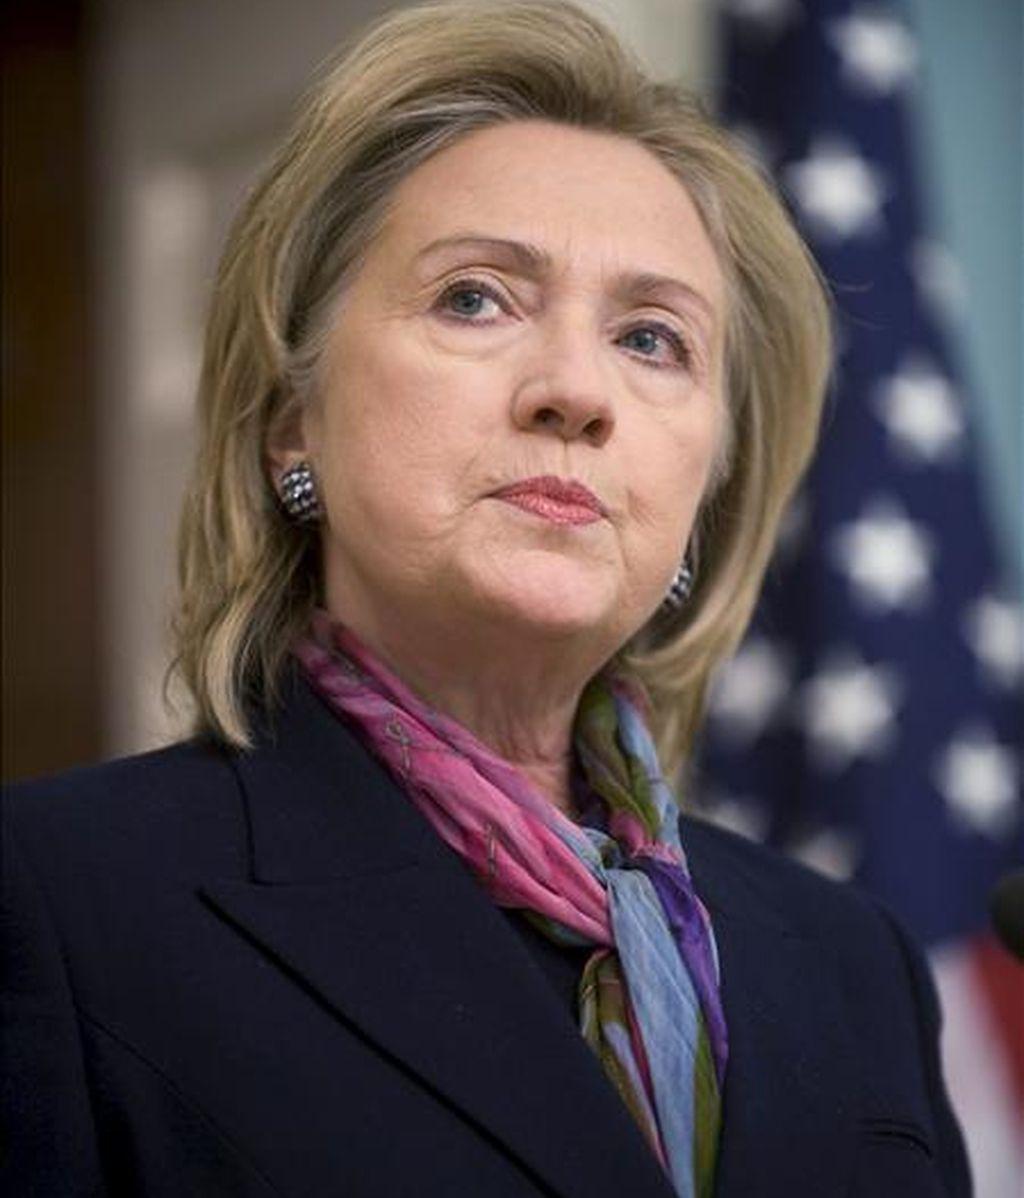 """El Departamento de Estado de EE.UU. indicó que la secretaria de Estado, Hillary Clinton, se reunirá con sus pares de Japón y Corea del Sur, Seiji Maehara y Kim Sung-hwan respectivamente, para """"abordar los últimos acontecimientos en la Península Coreana"""". EFE/Archivo"""